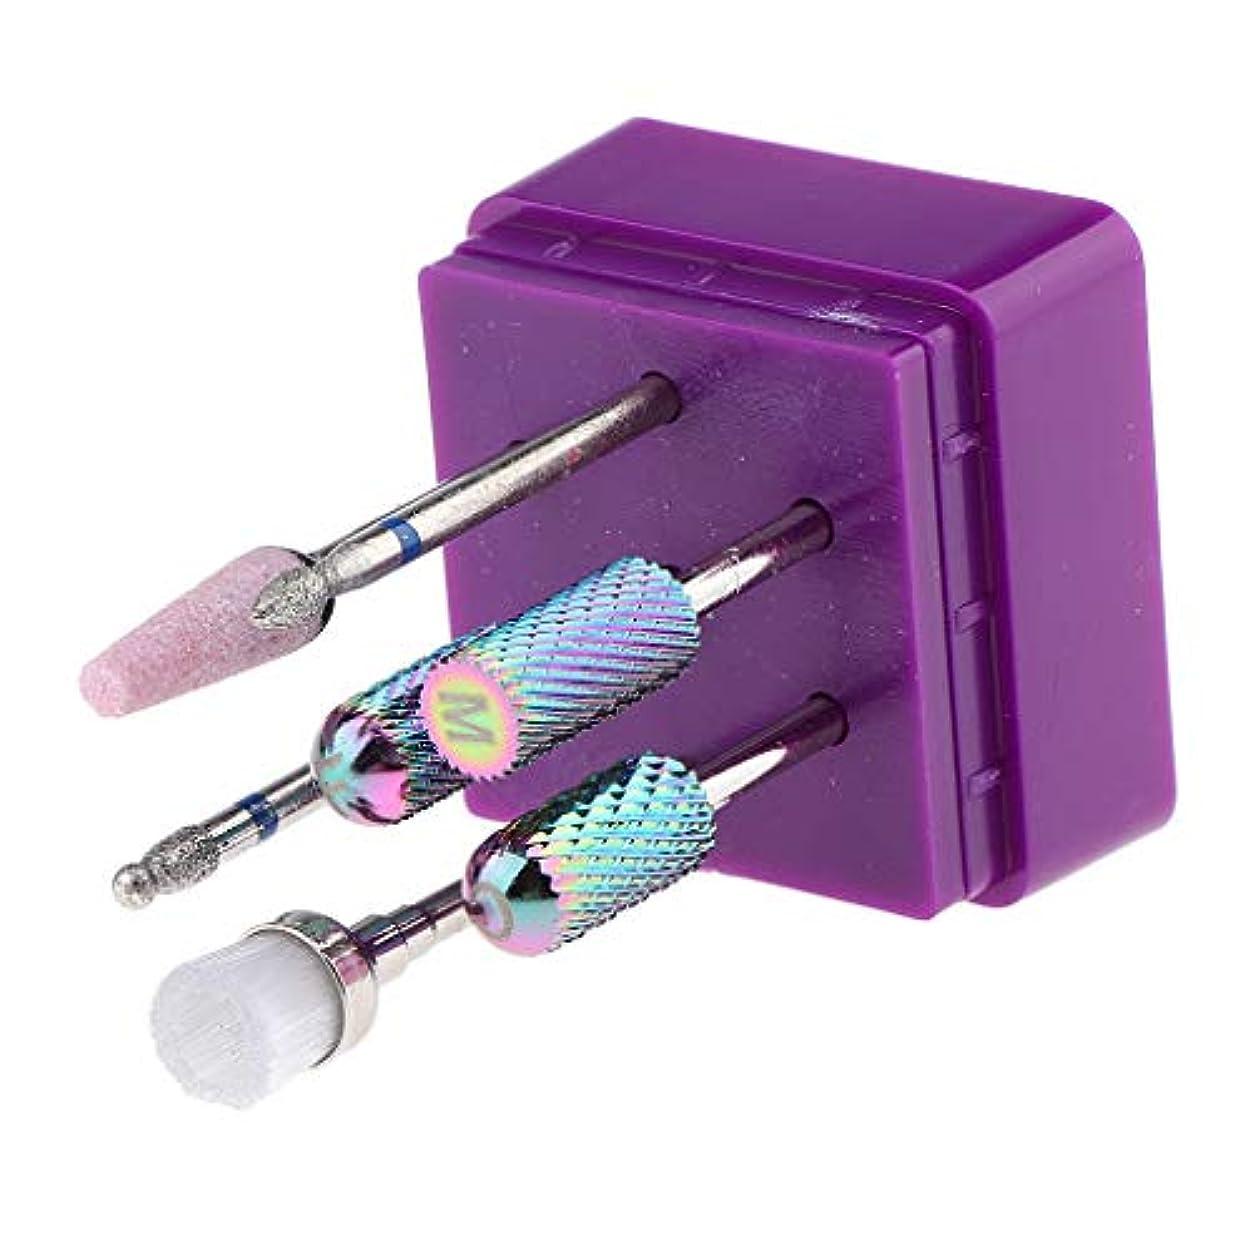 カウント不安援助するTachiuwa ネイルドリル 電動 研削ヘッド ドリルビット ネイルドリルビットセット 爪磨き ネイルケアツール 7個入り